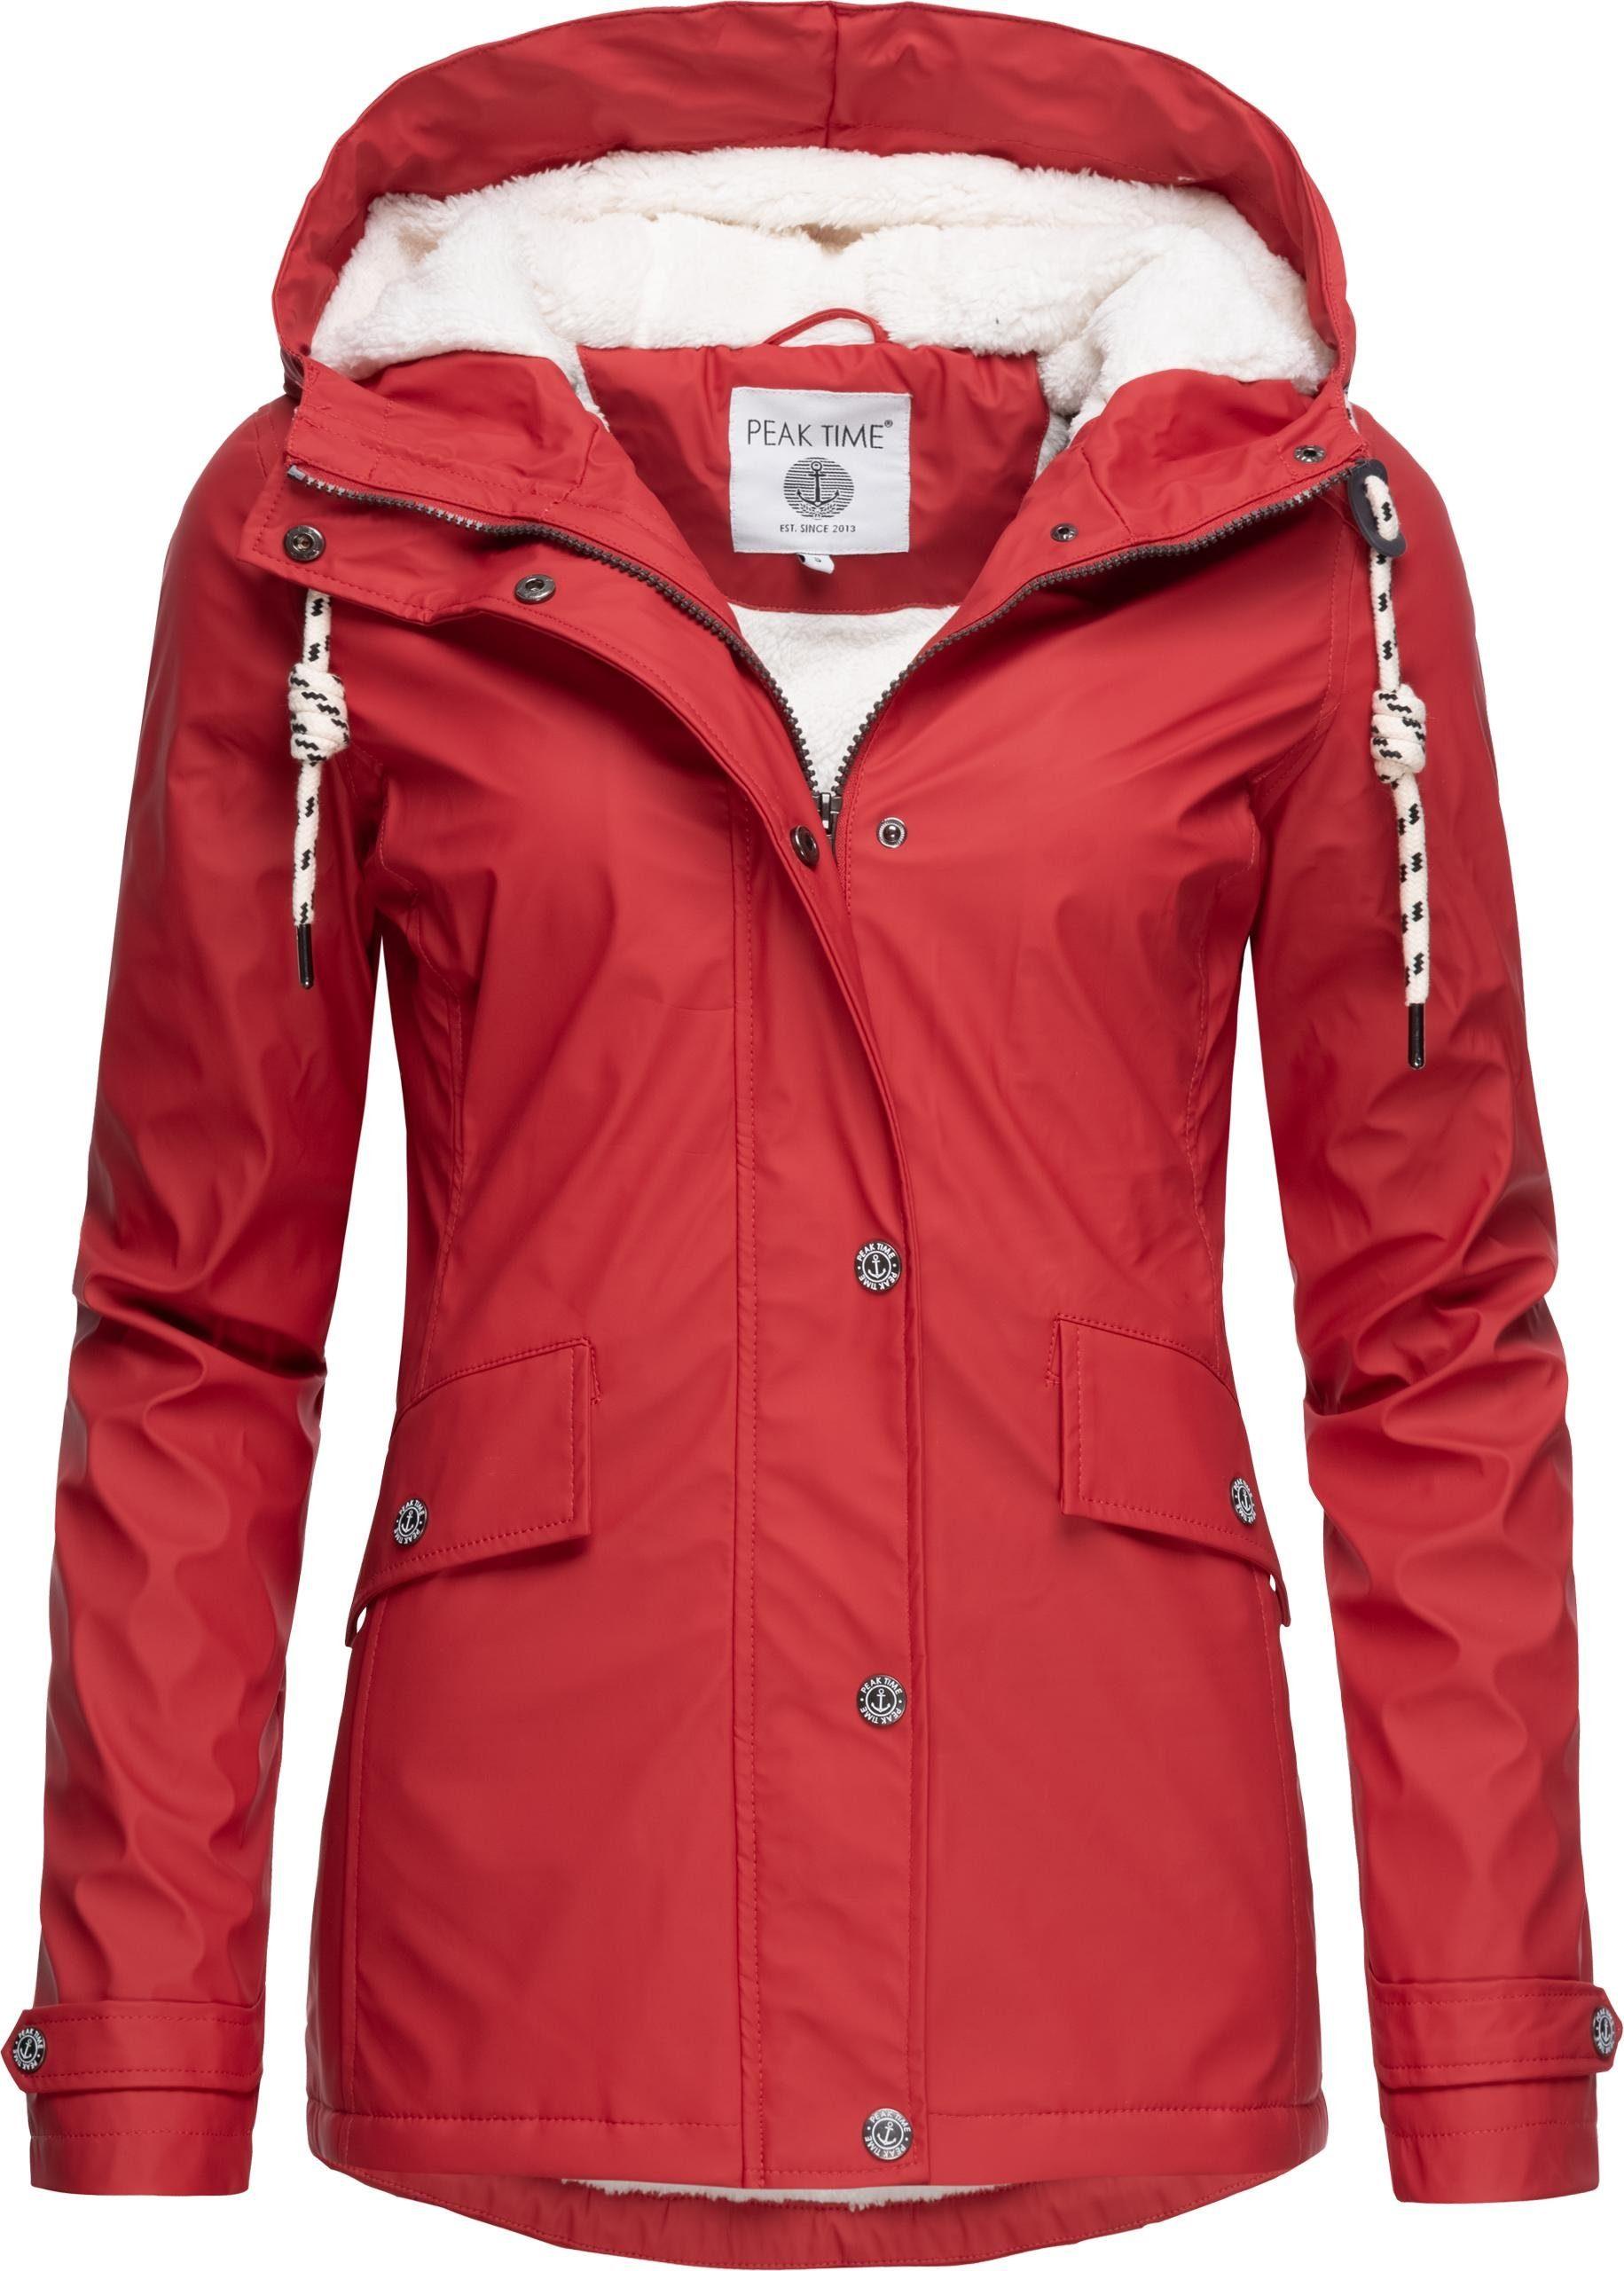 Allover print Jacken & Mäntel für Damen vergleichen und